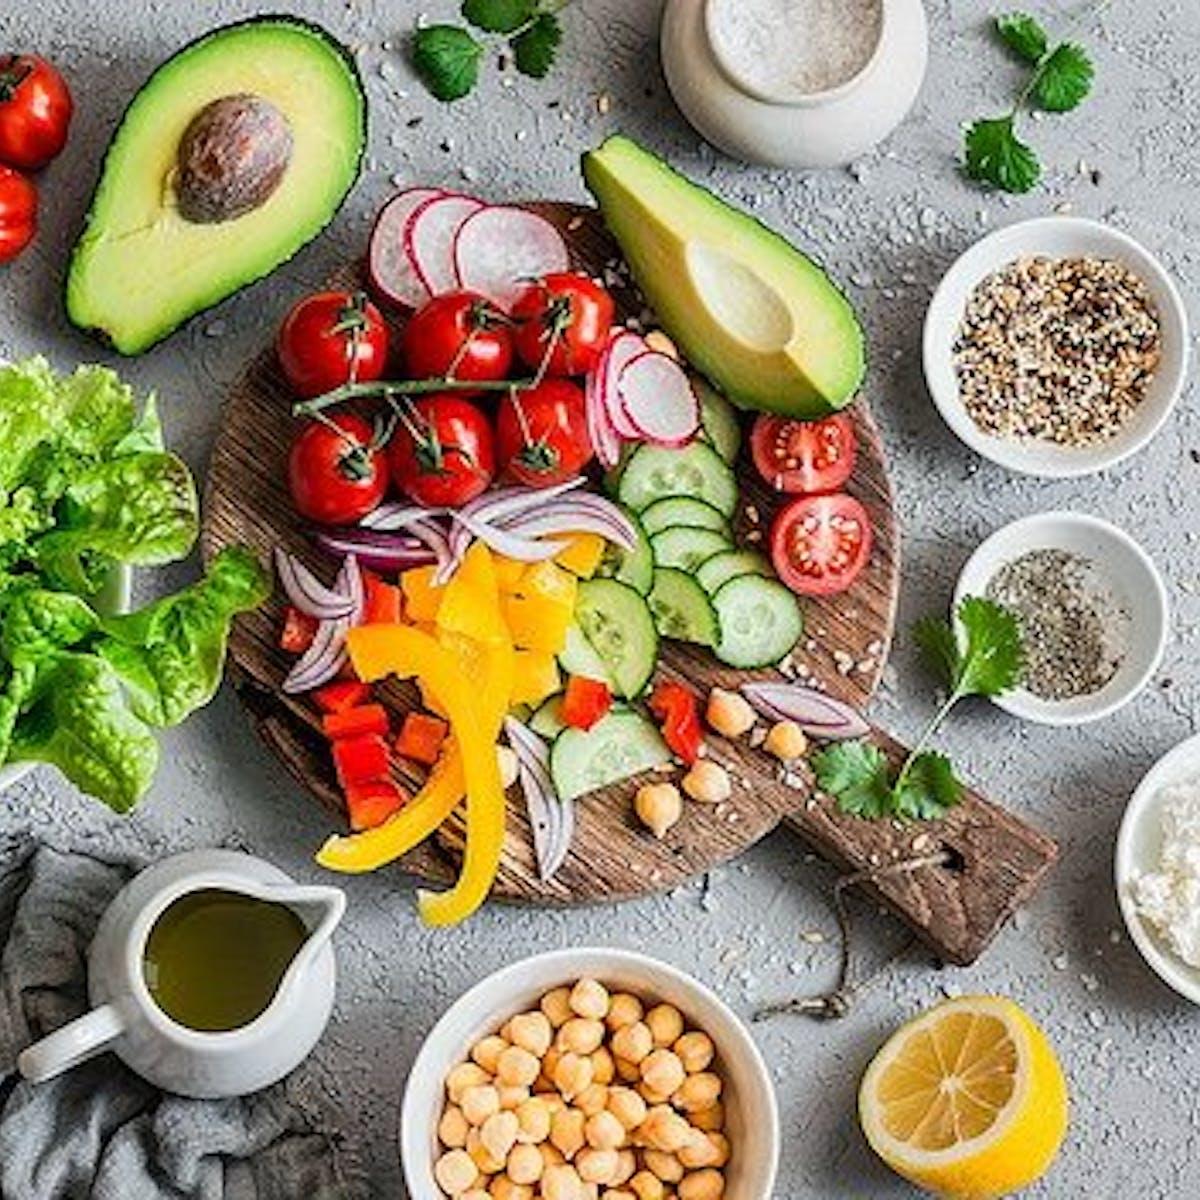 Makanan Sehat Untuk Ibu Hamil Agar Bayi Berkembang Optimal Ibupedia